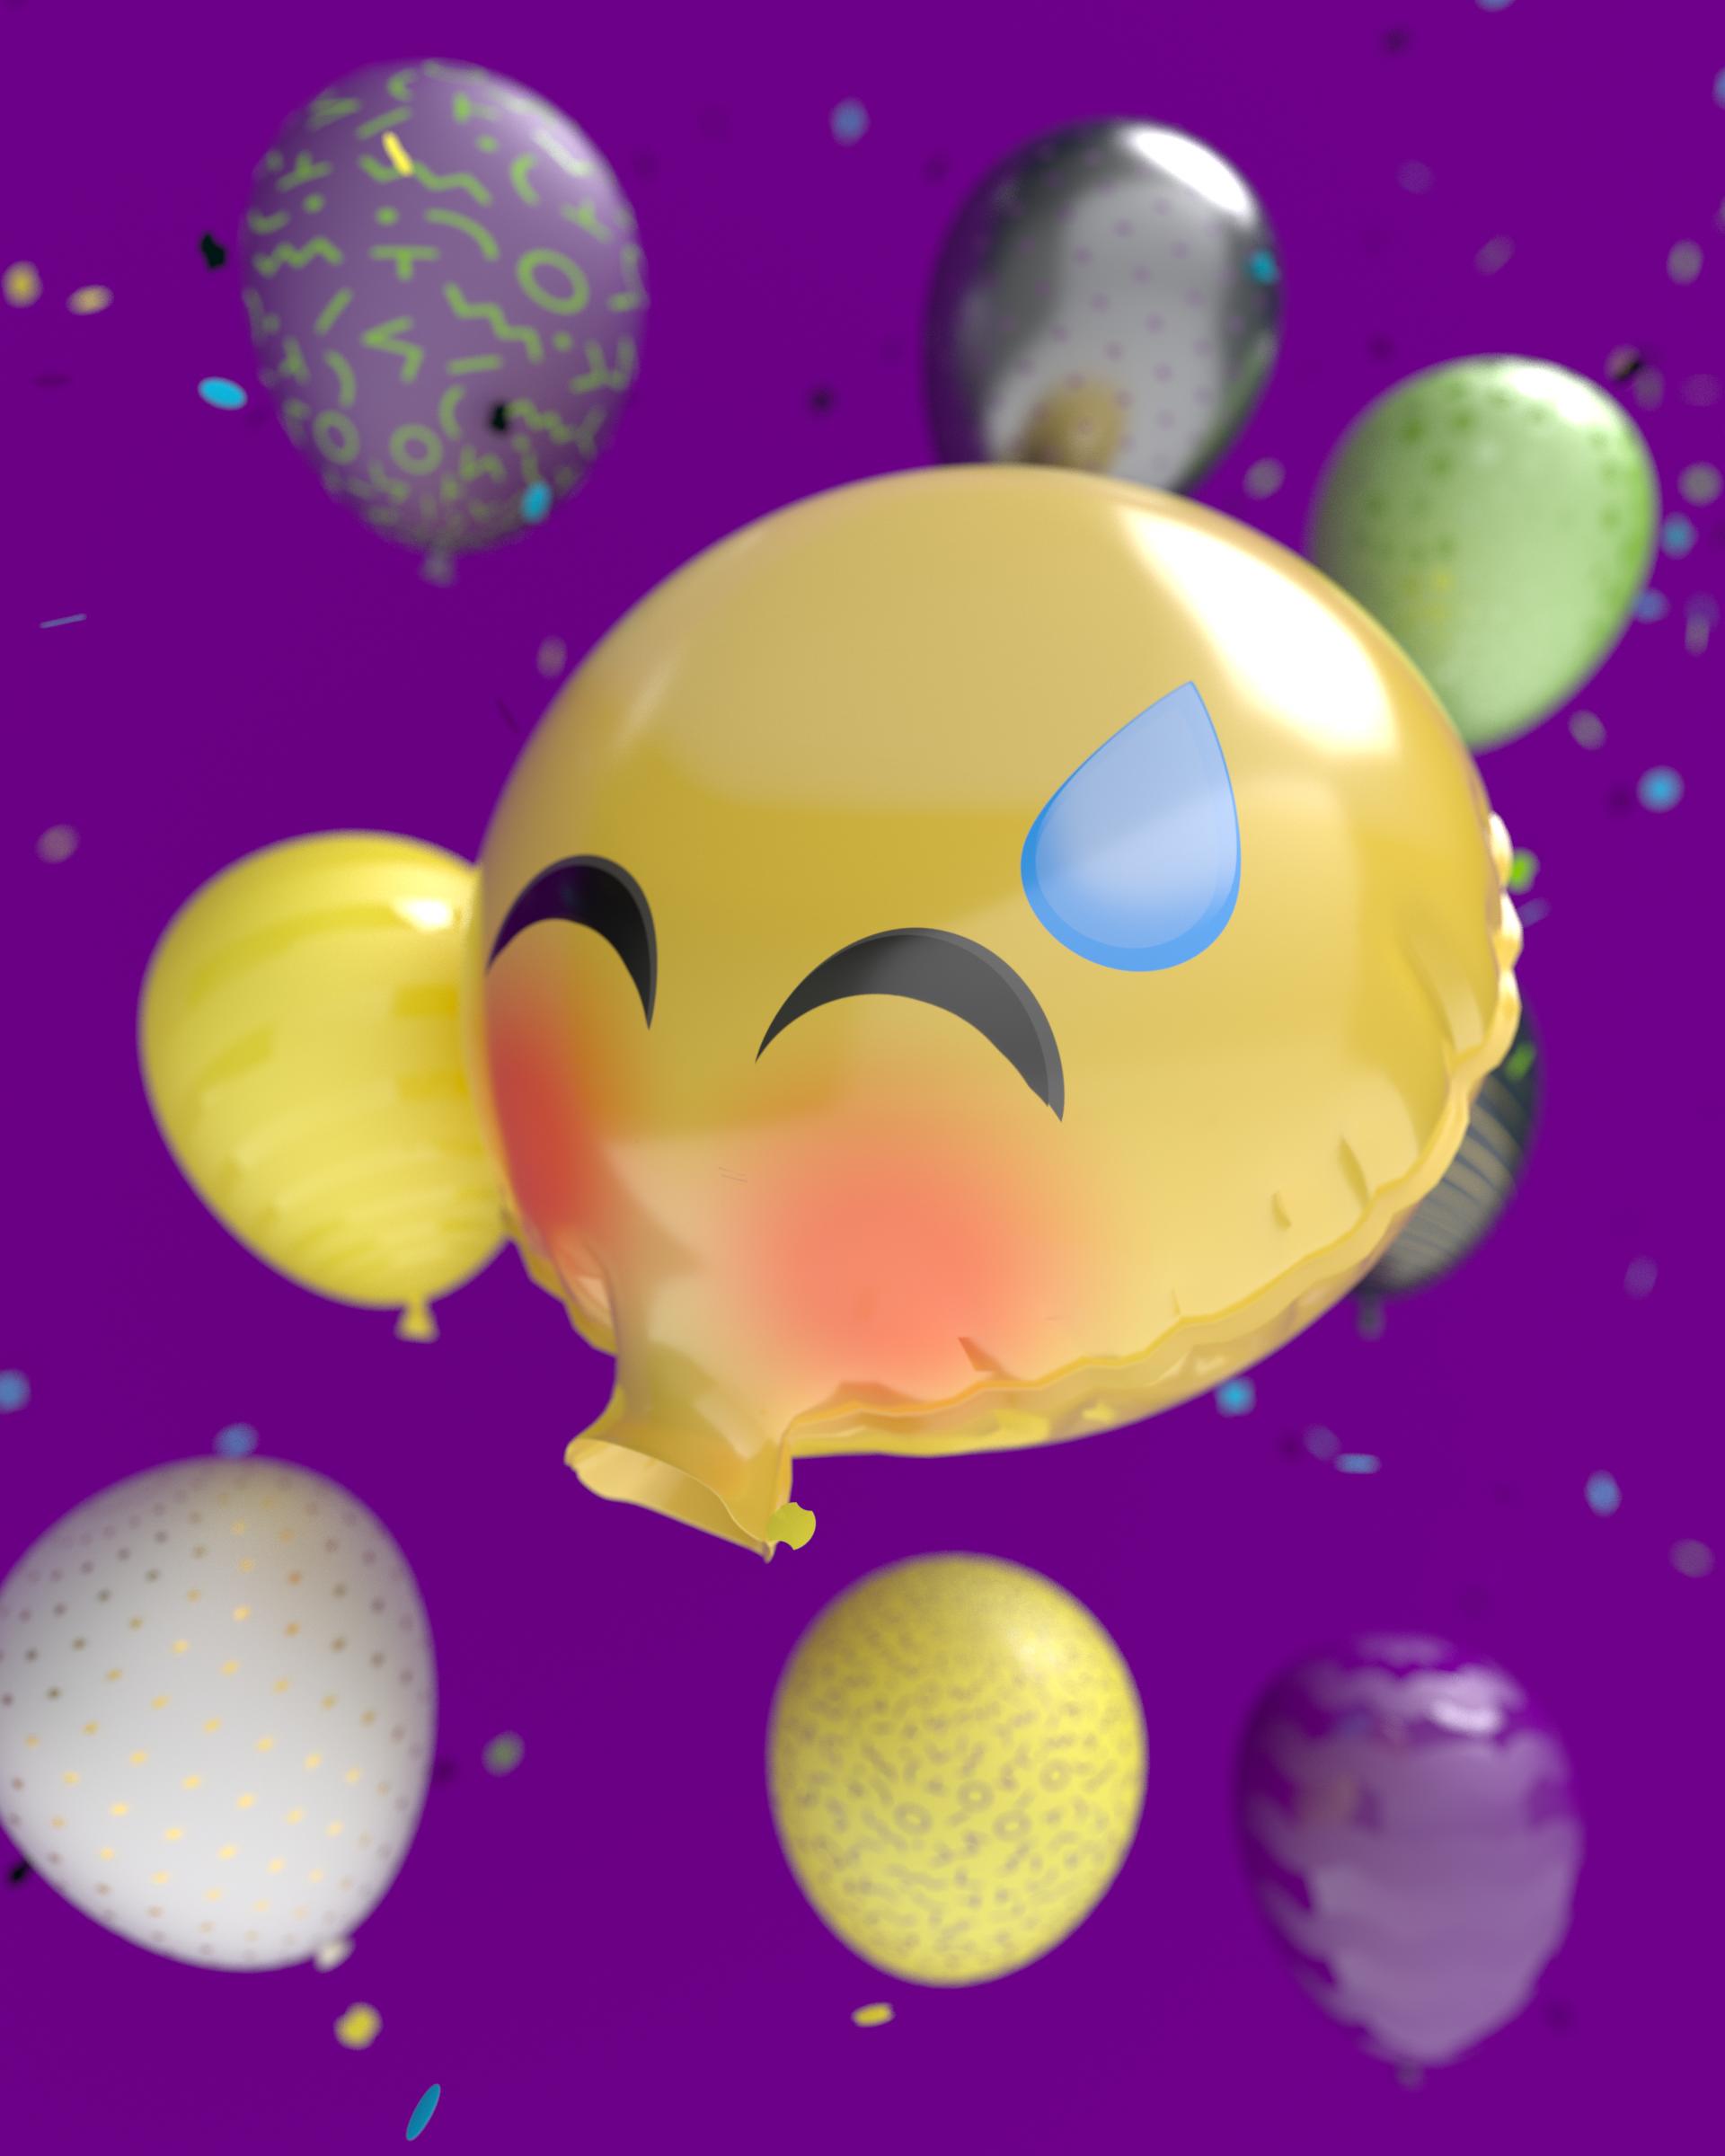 baloons_main_v4_0209.png